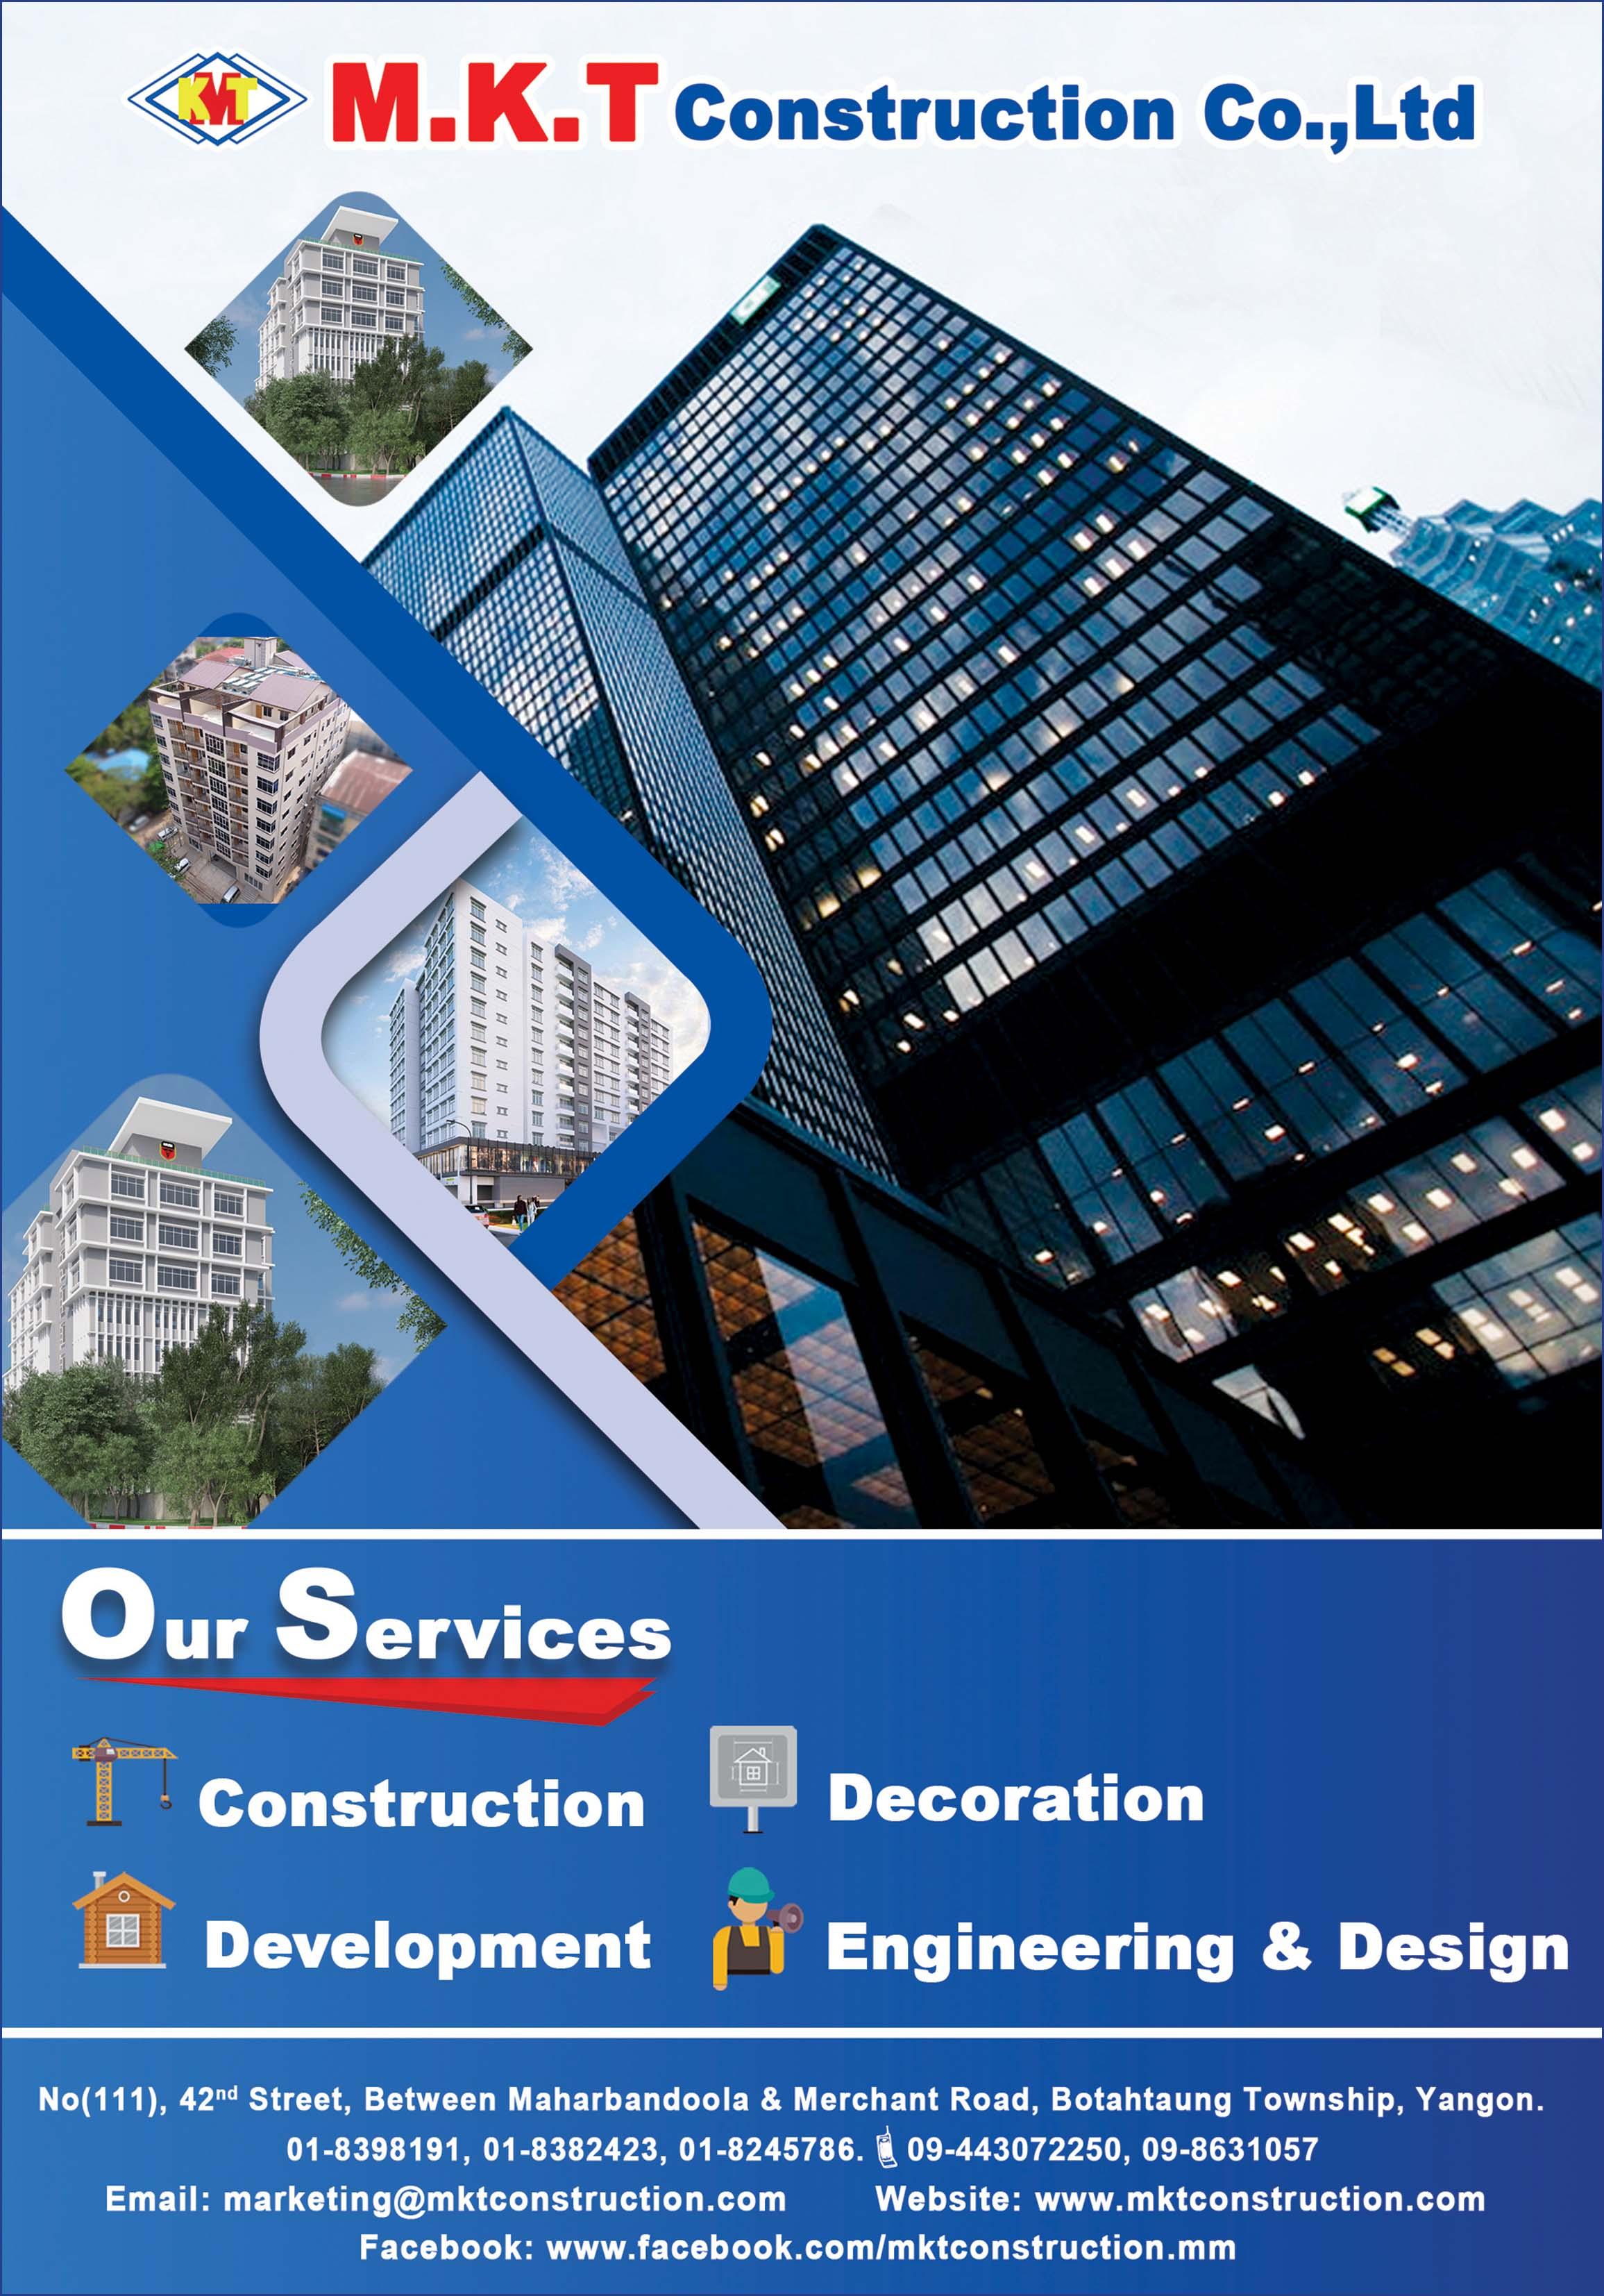 M.K.T Construction Co., Ltd.